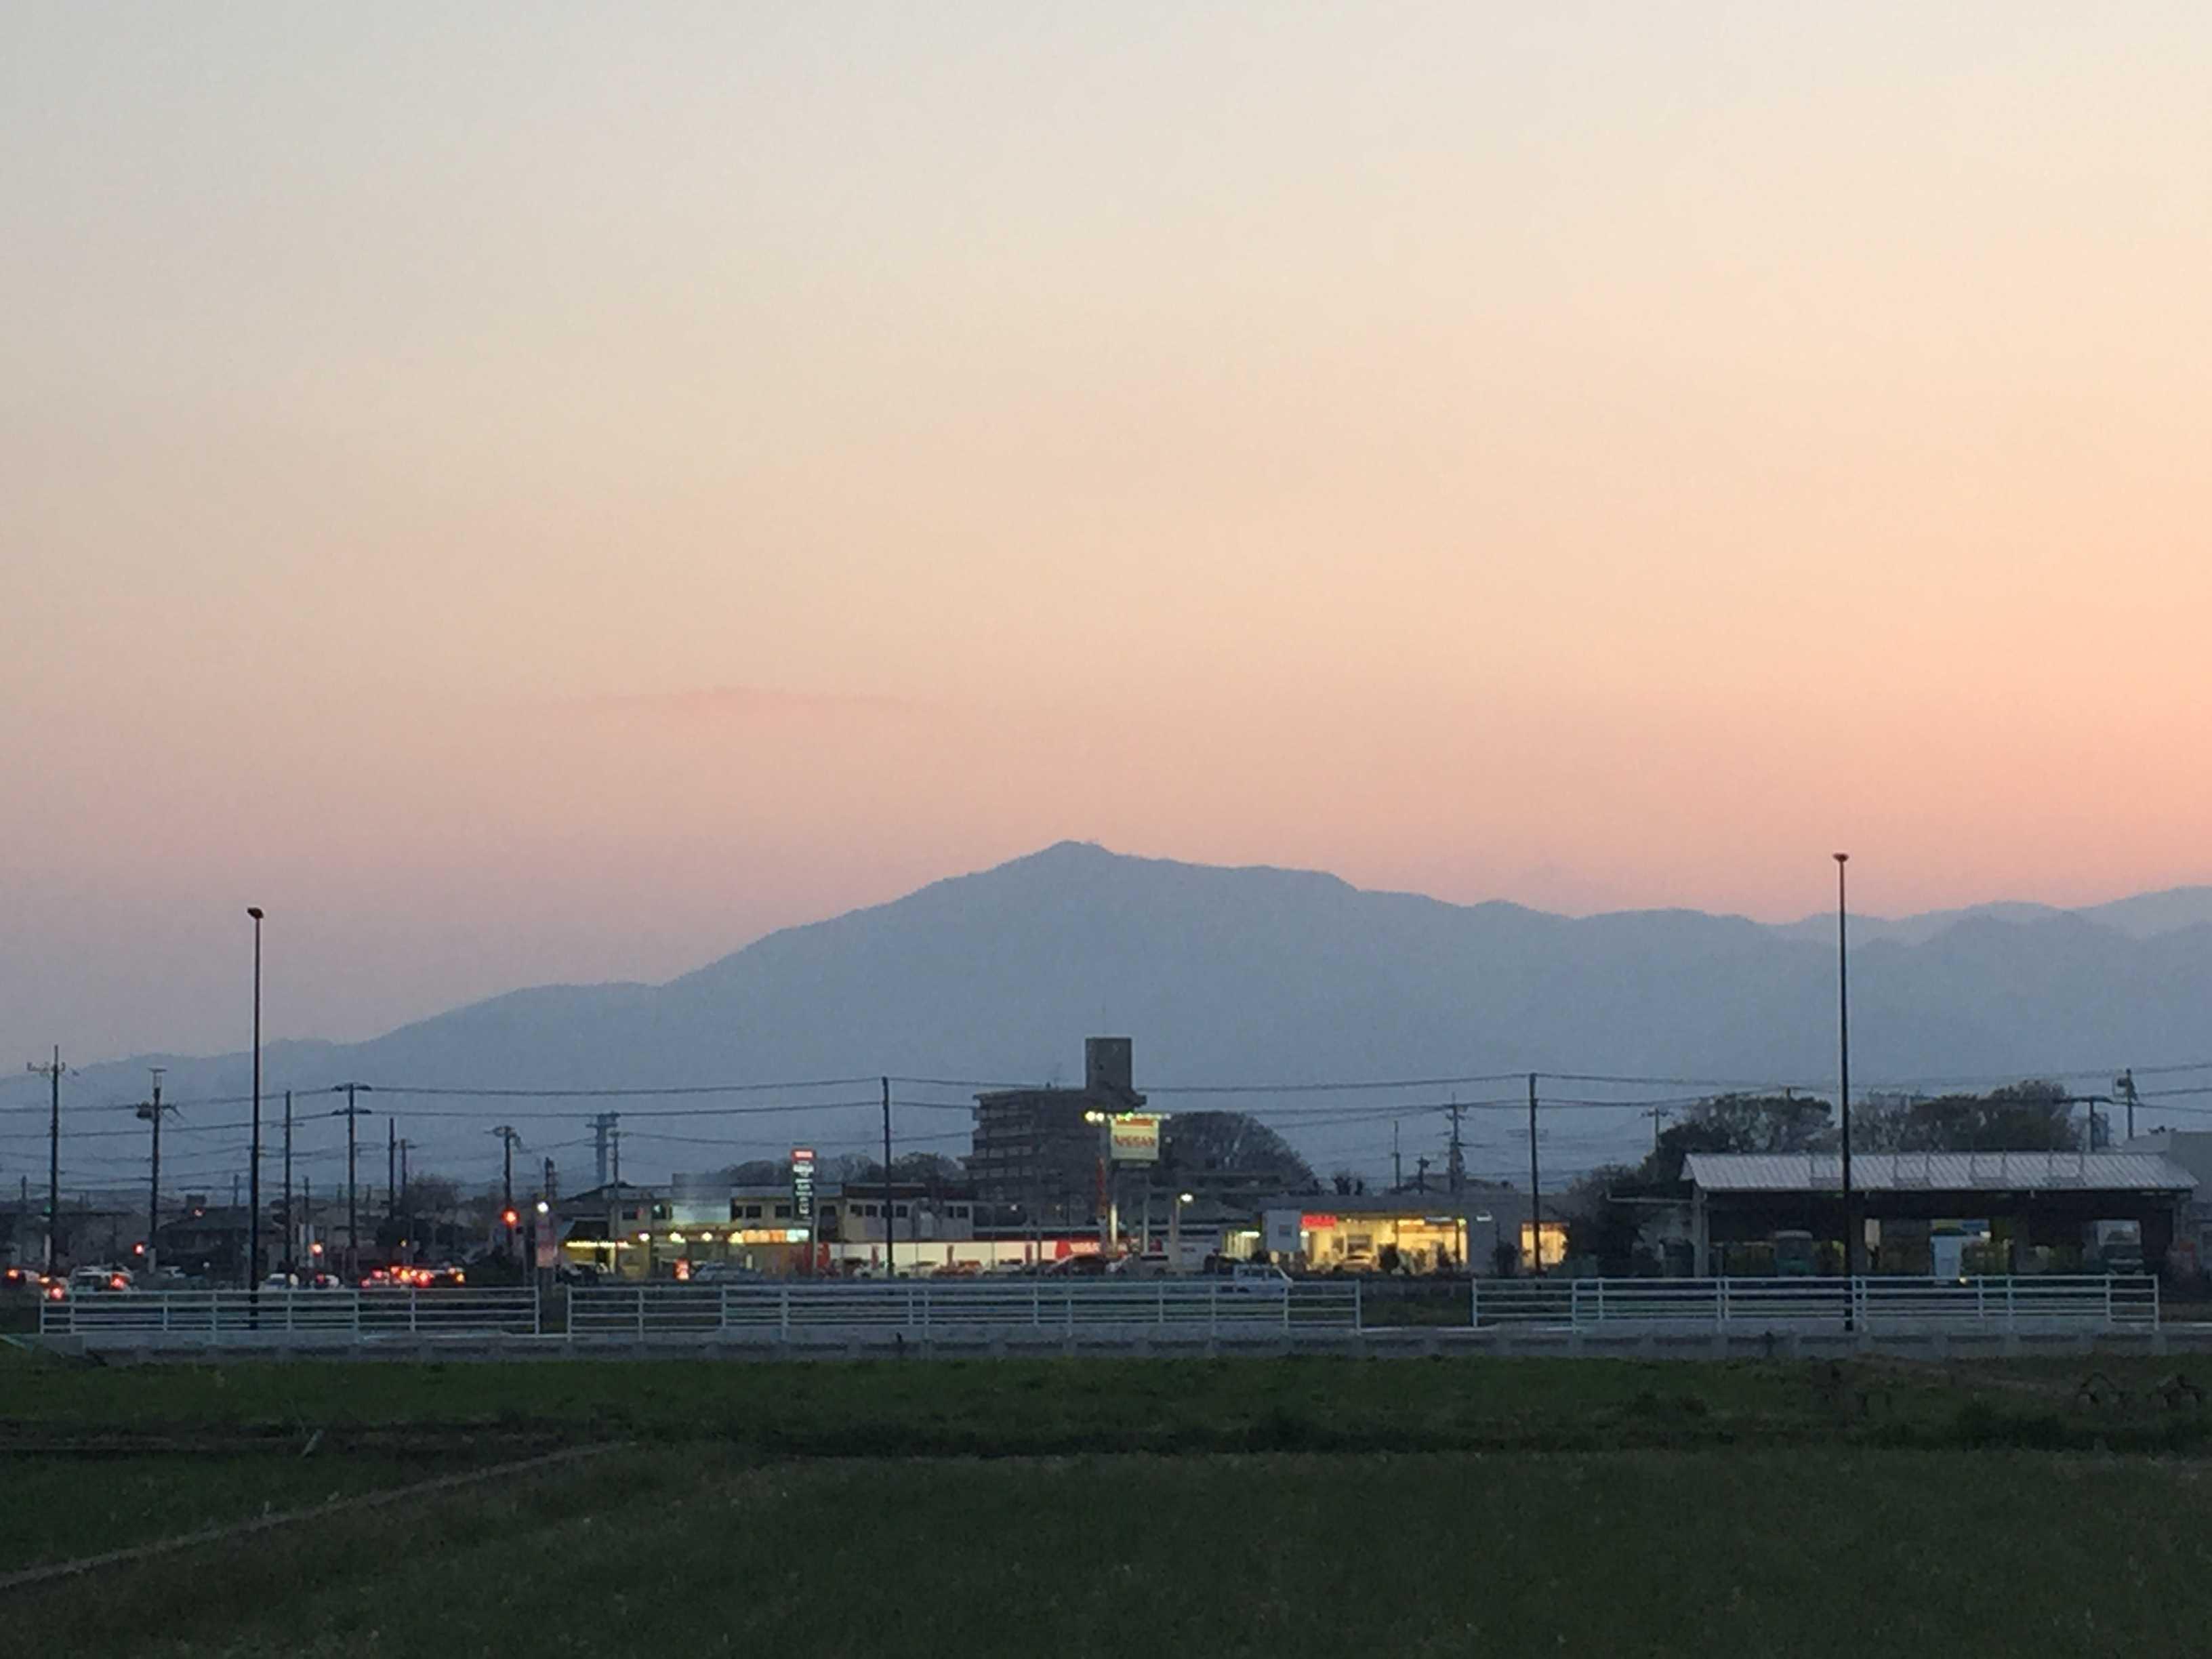 海老名駅前から見た大山の夕暮れ